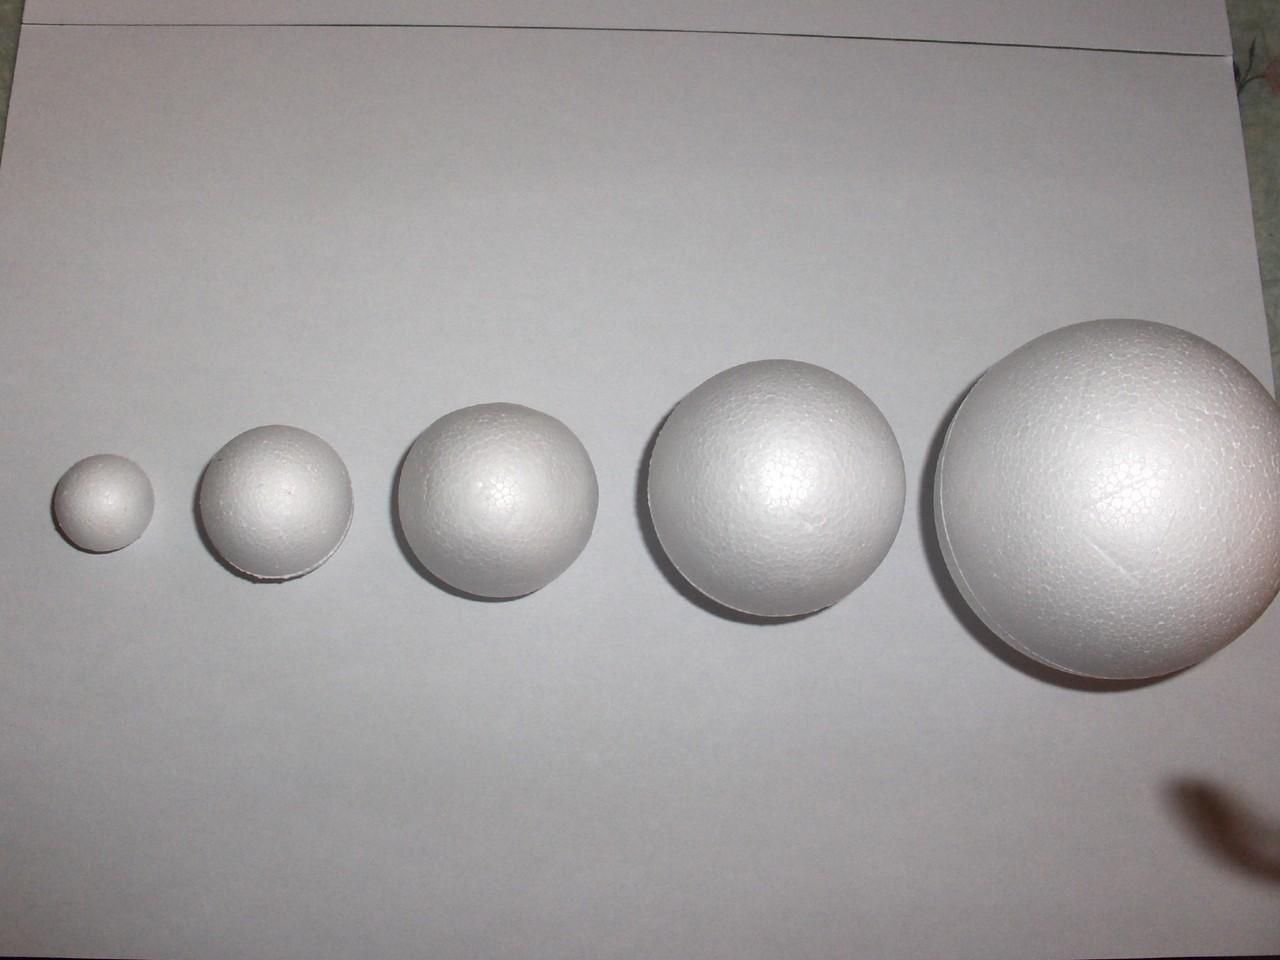 Corcho blanco o porex botticelli manualidades valencia - Manualidades corcho blanco ...